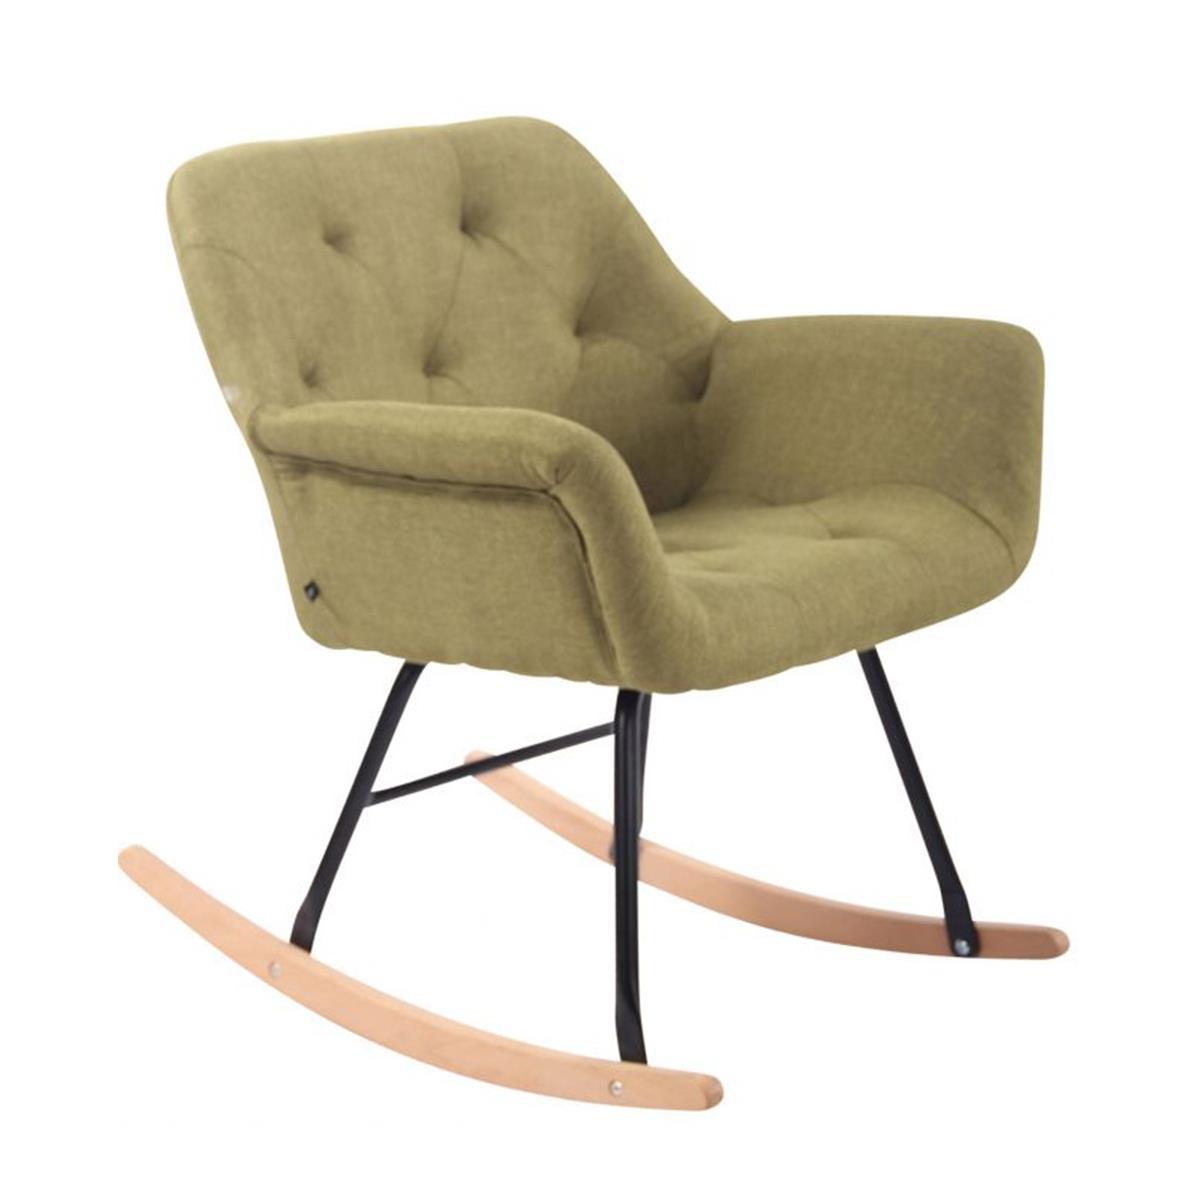 Sedia d 39 attesa dandy a dondolo imbottita design stile for Sedie design nordico